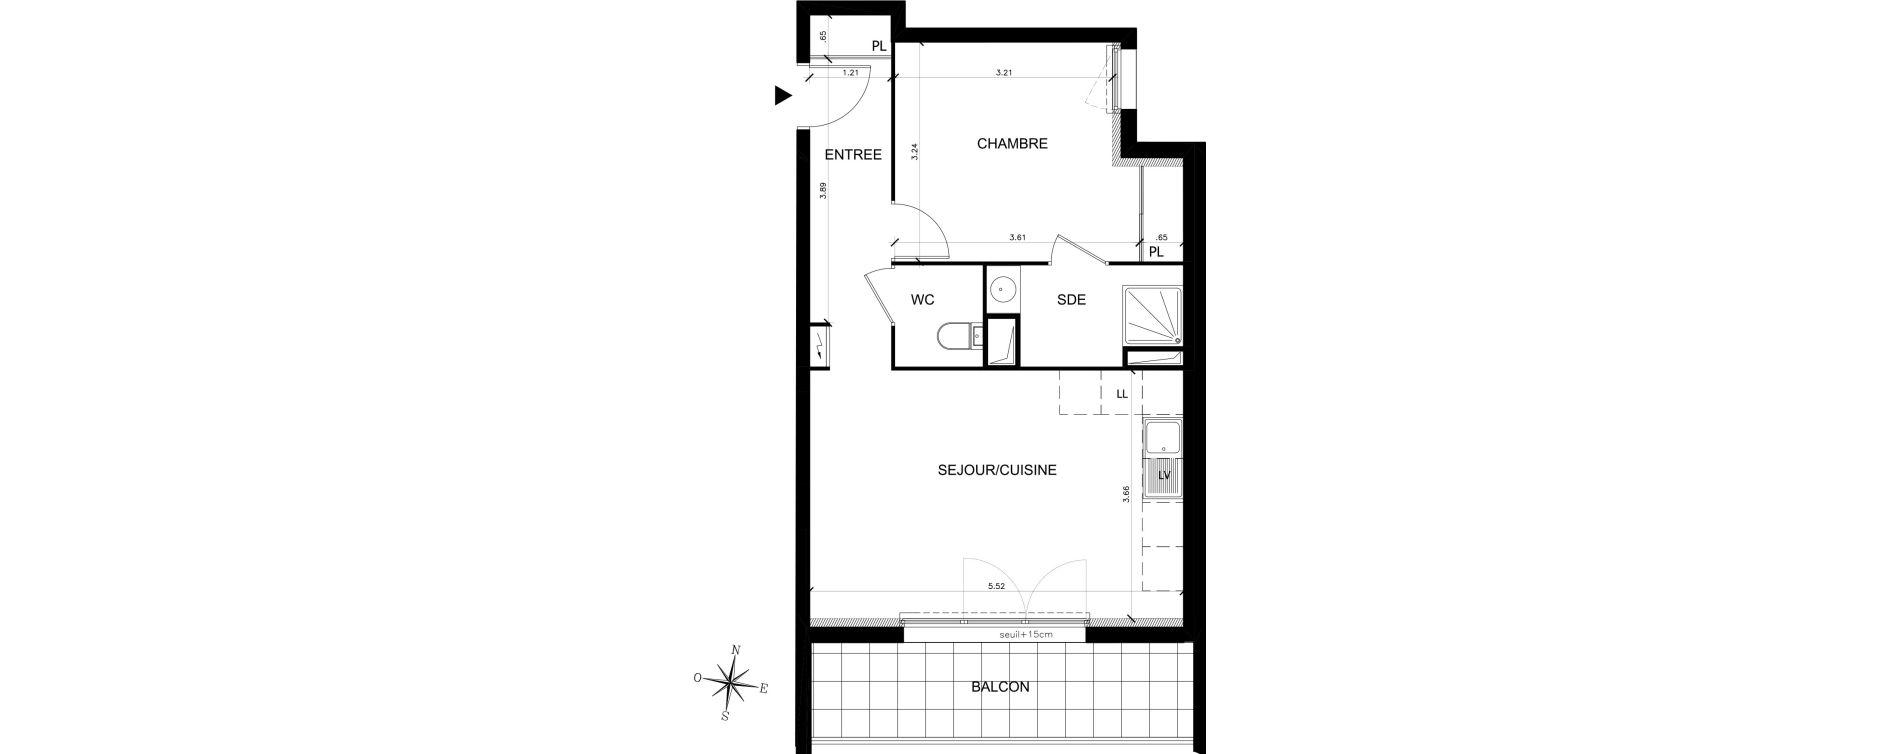 Appartement T2 de 43,87 m2 à Saran Chatonnerie